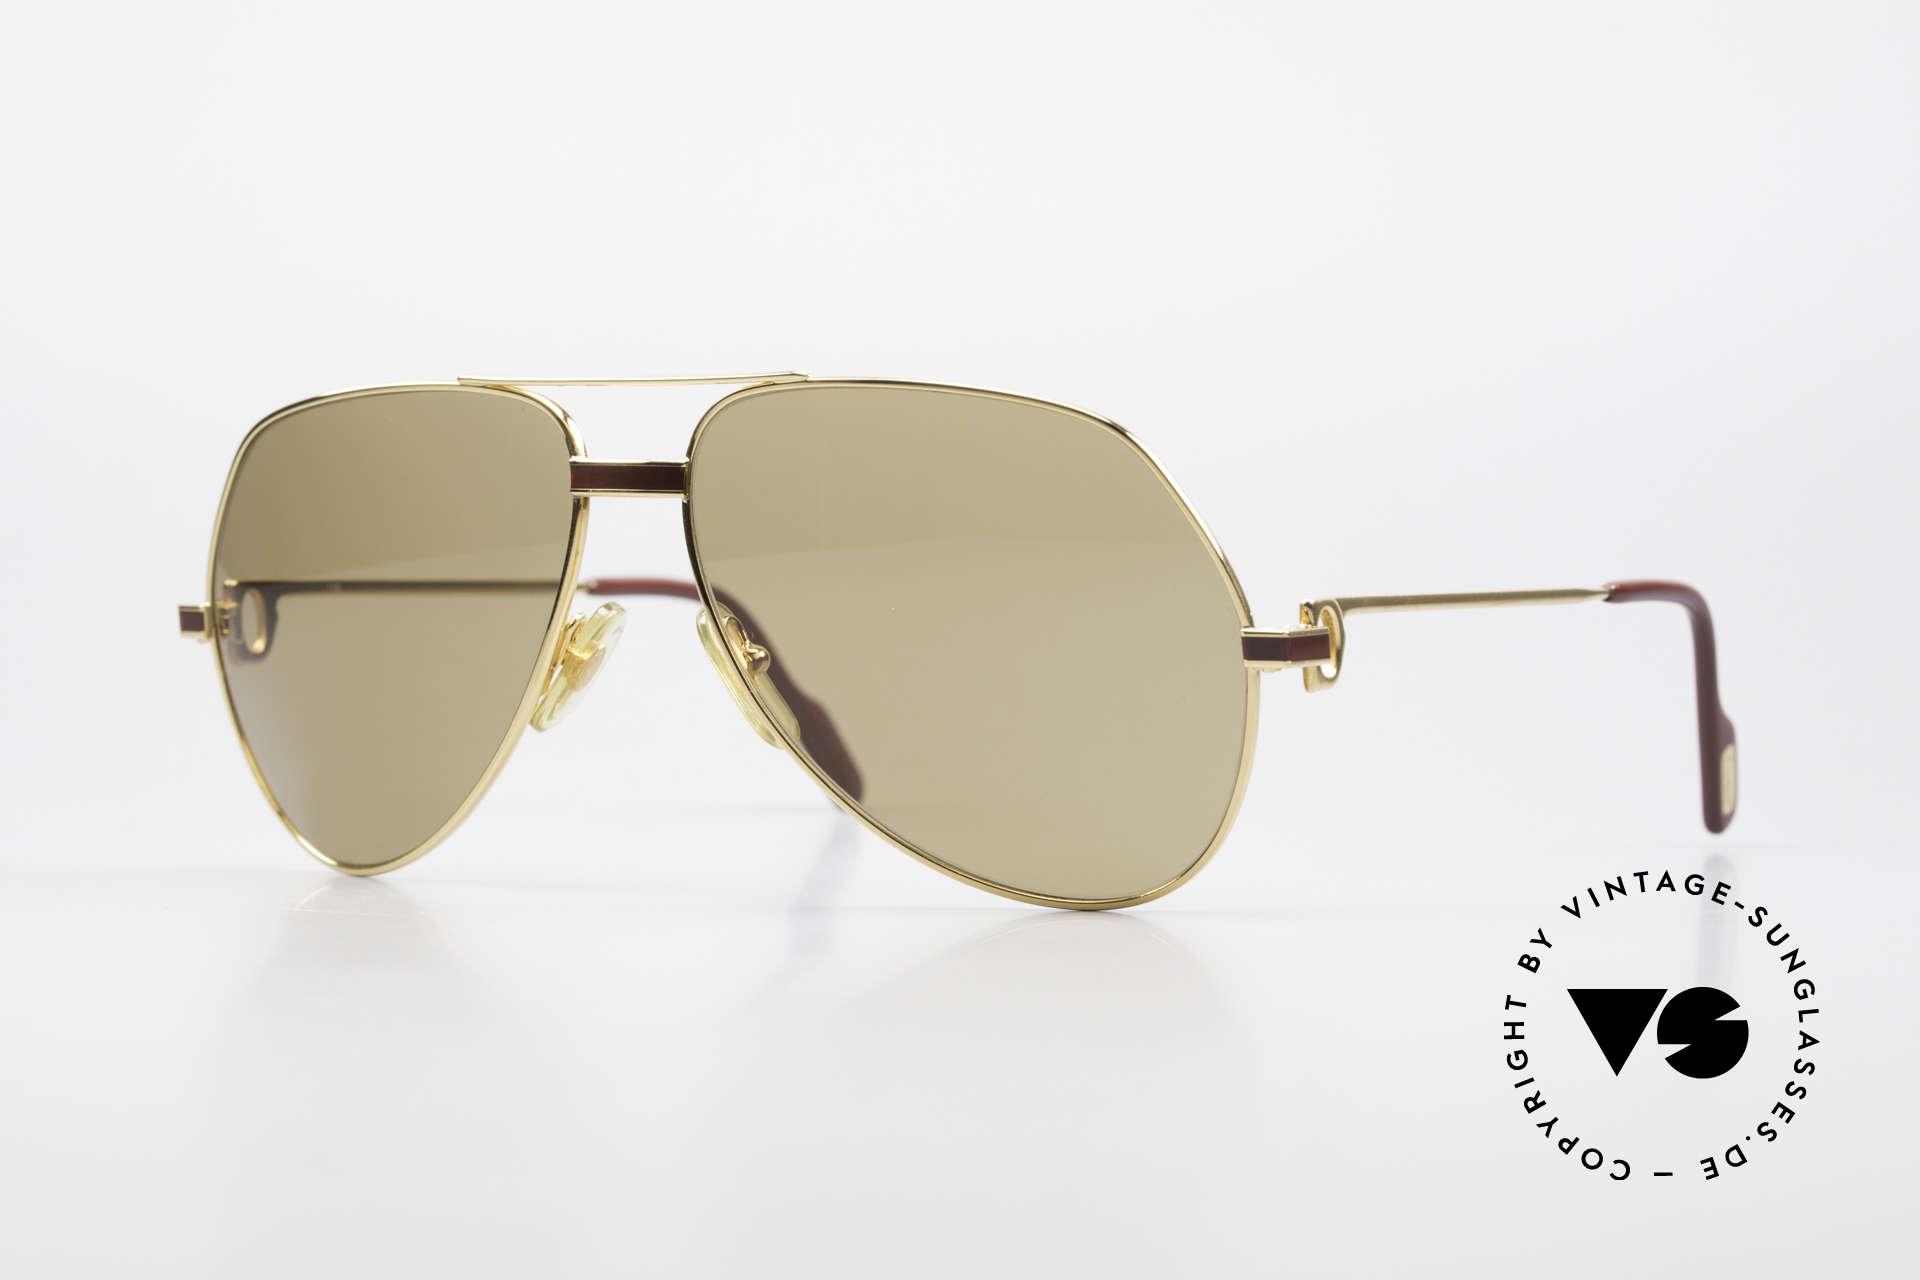 Cartier Vendome Laque - L Cartierglas Mit Hauchzeichen, Vendome = die berühmteste vintage Brille von Cartier, Passend für Herren